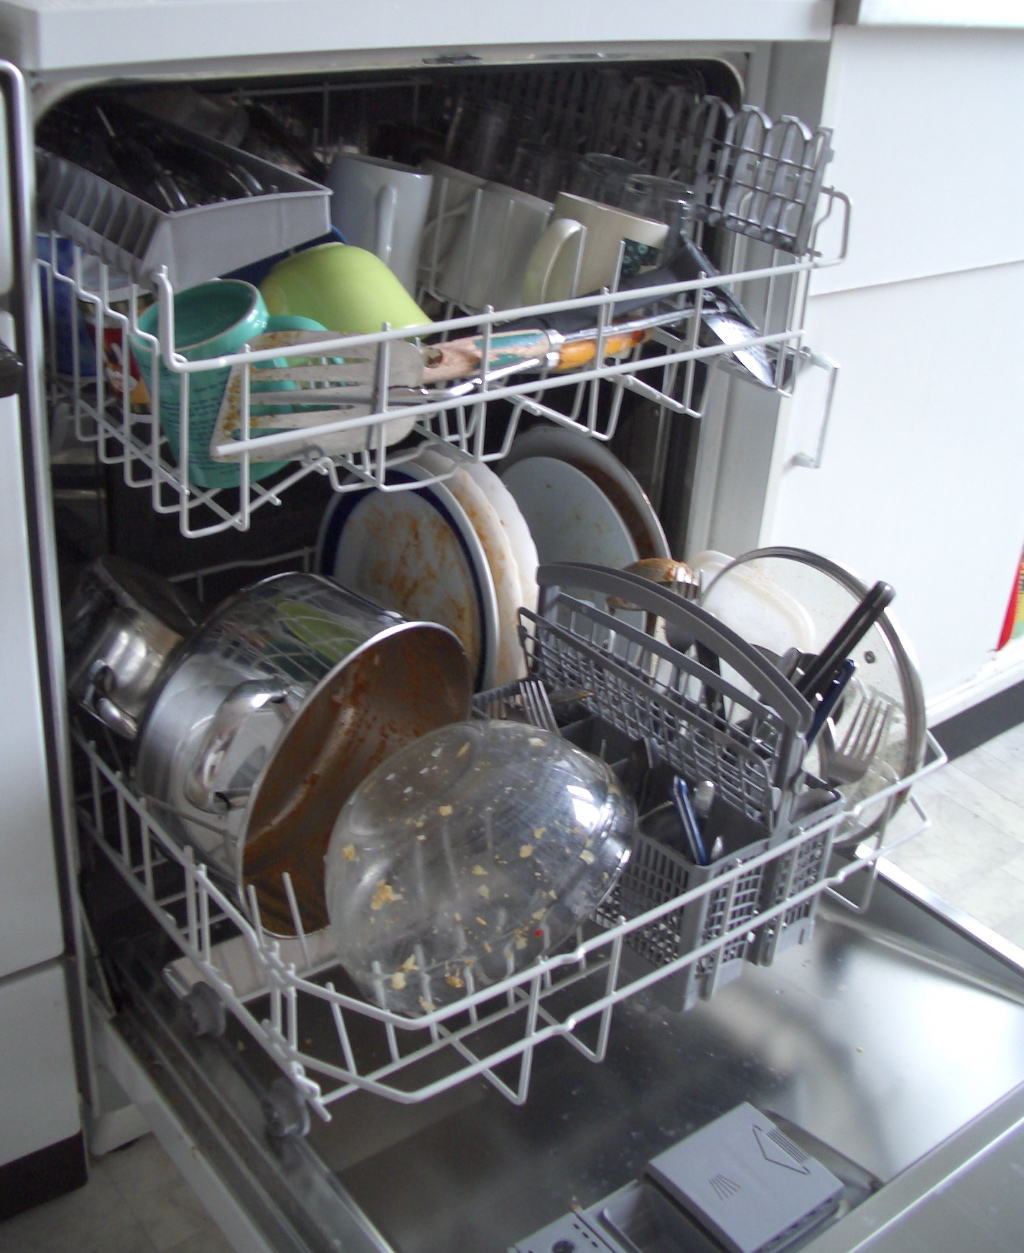 خرید ماشین ظرفشویی مناسب خانواده